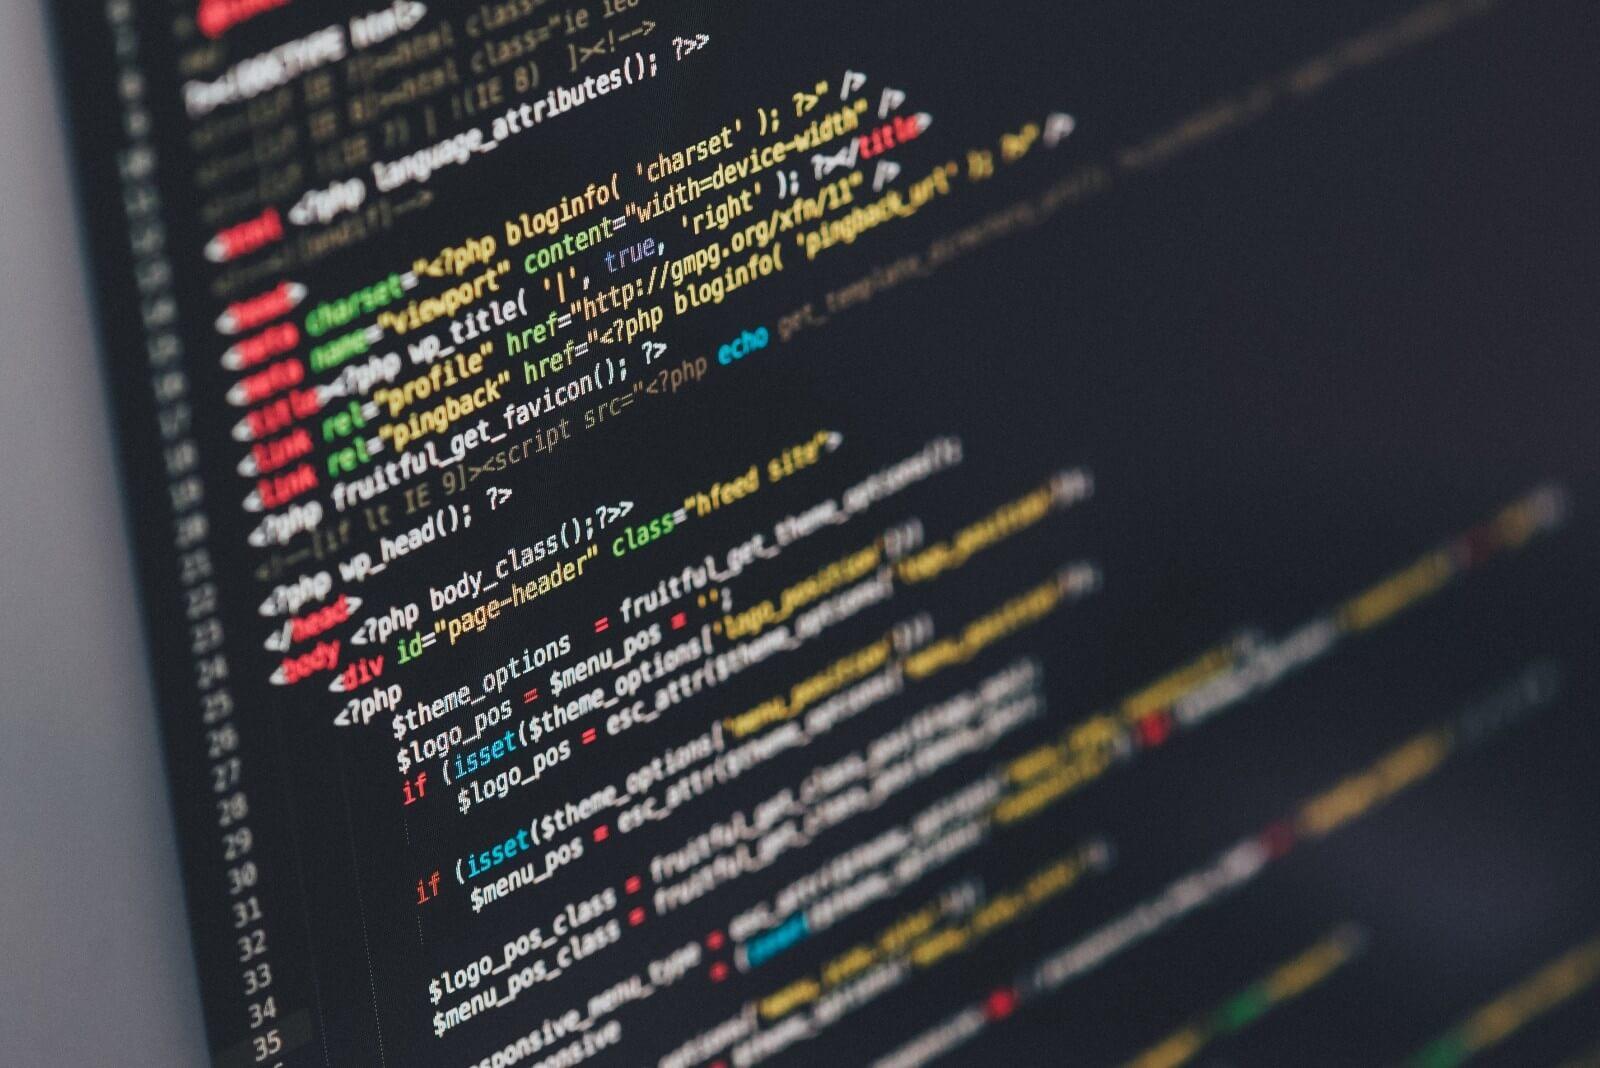 パソコンに書かれたコードの画像